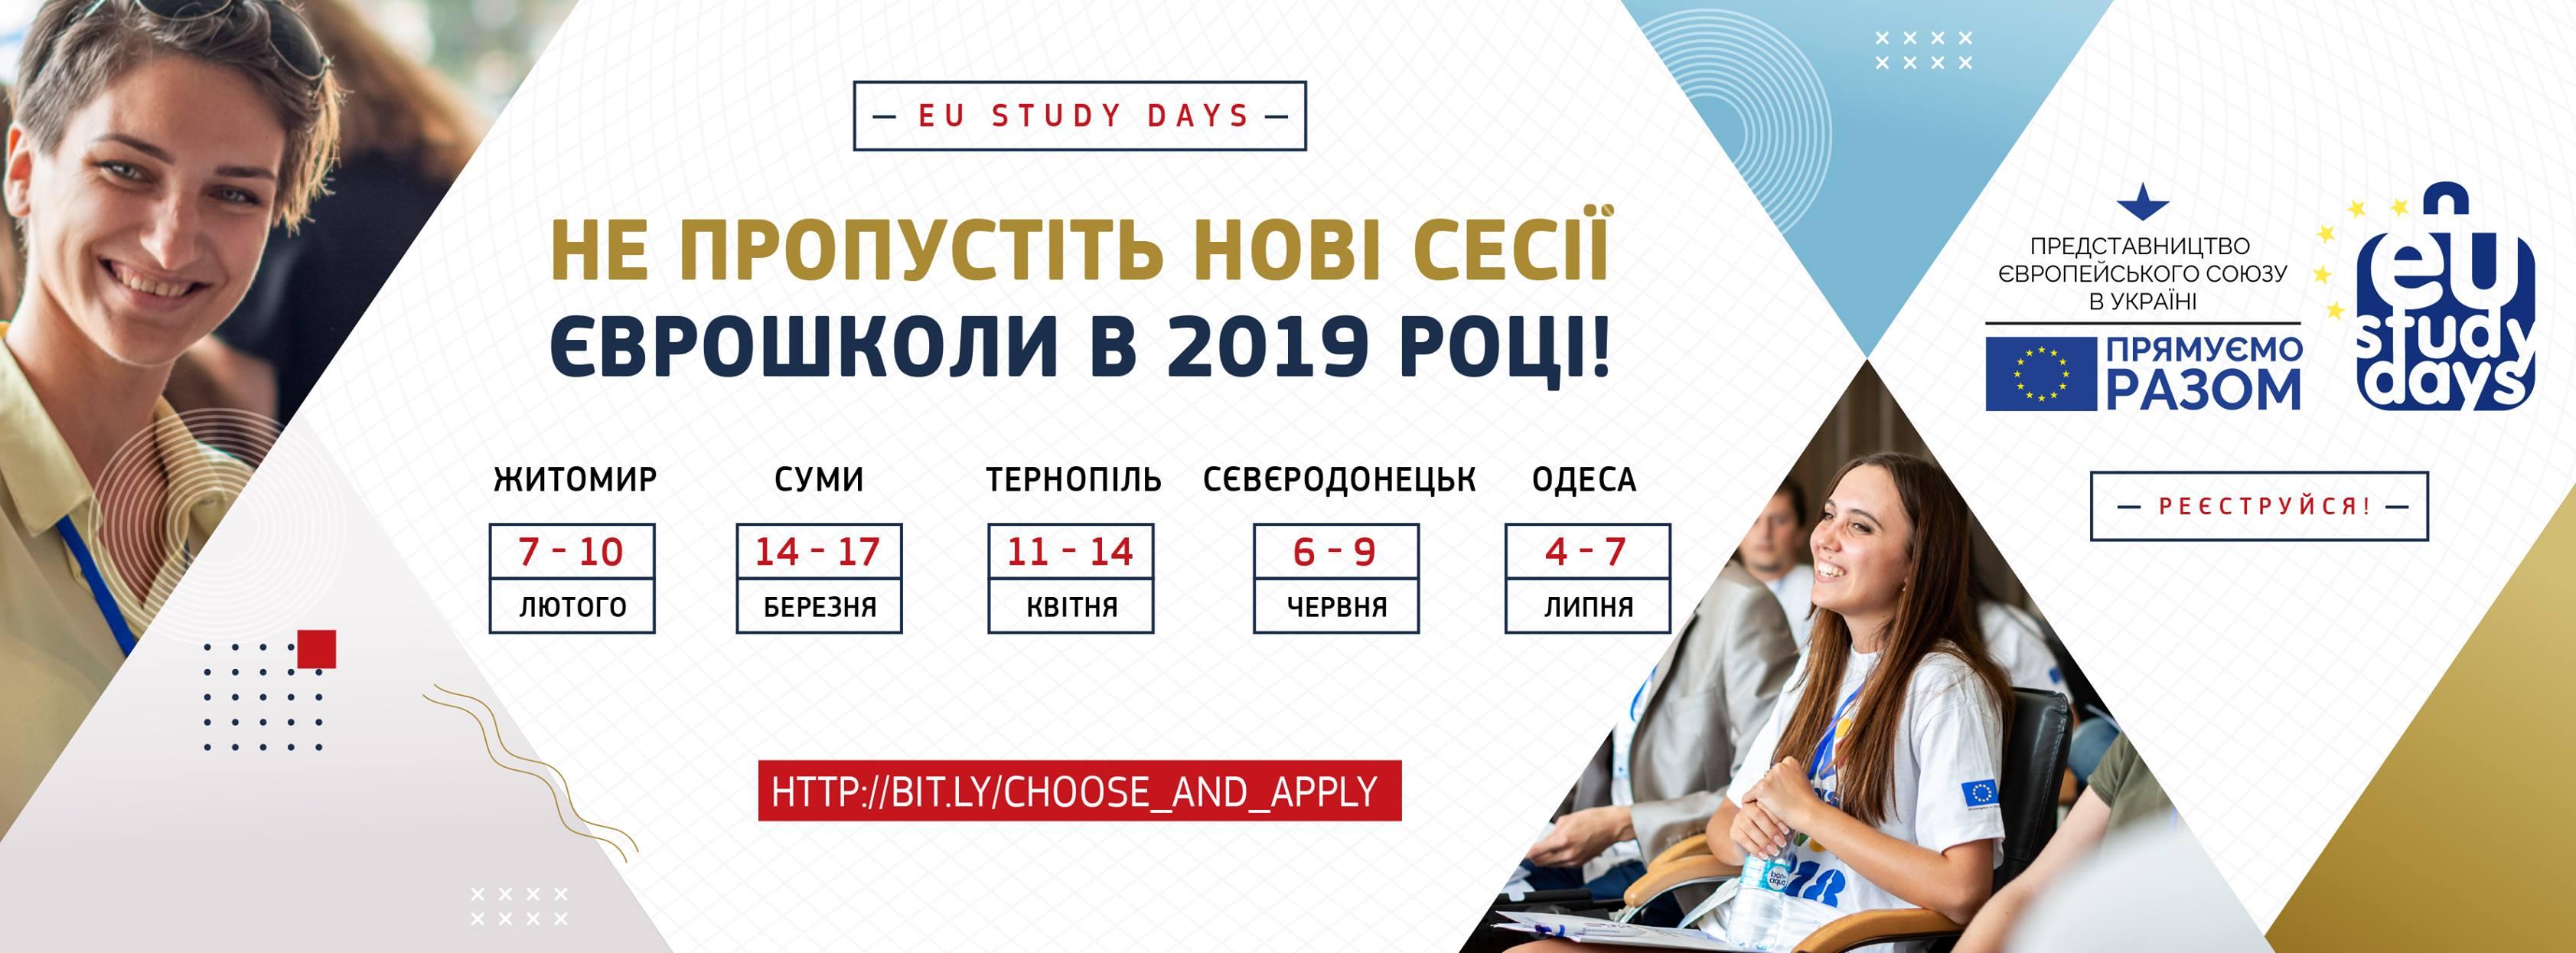 Нові сесії Єврошколи. Представництво ЄС оголошує набір на EU Study Days у 2019 році